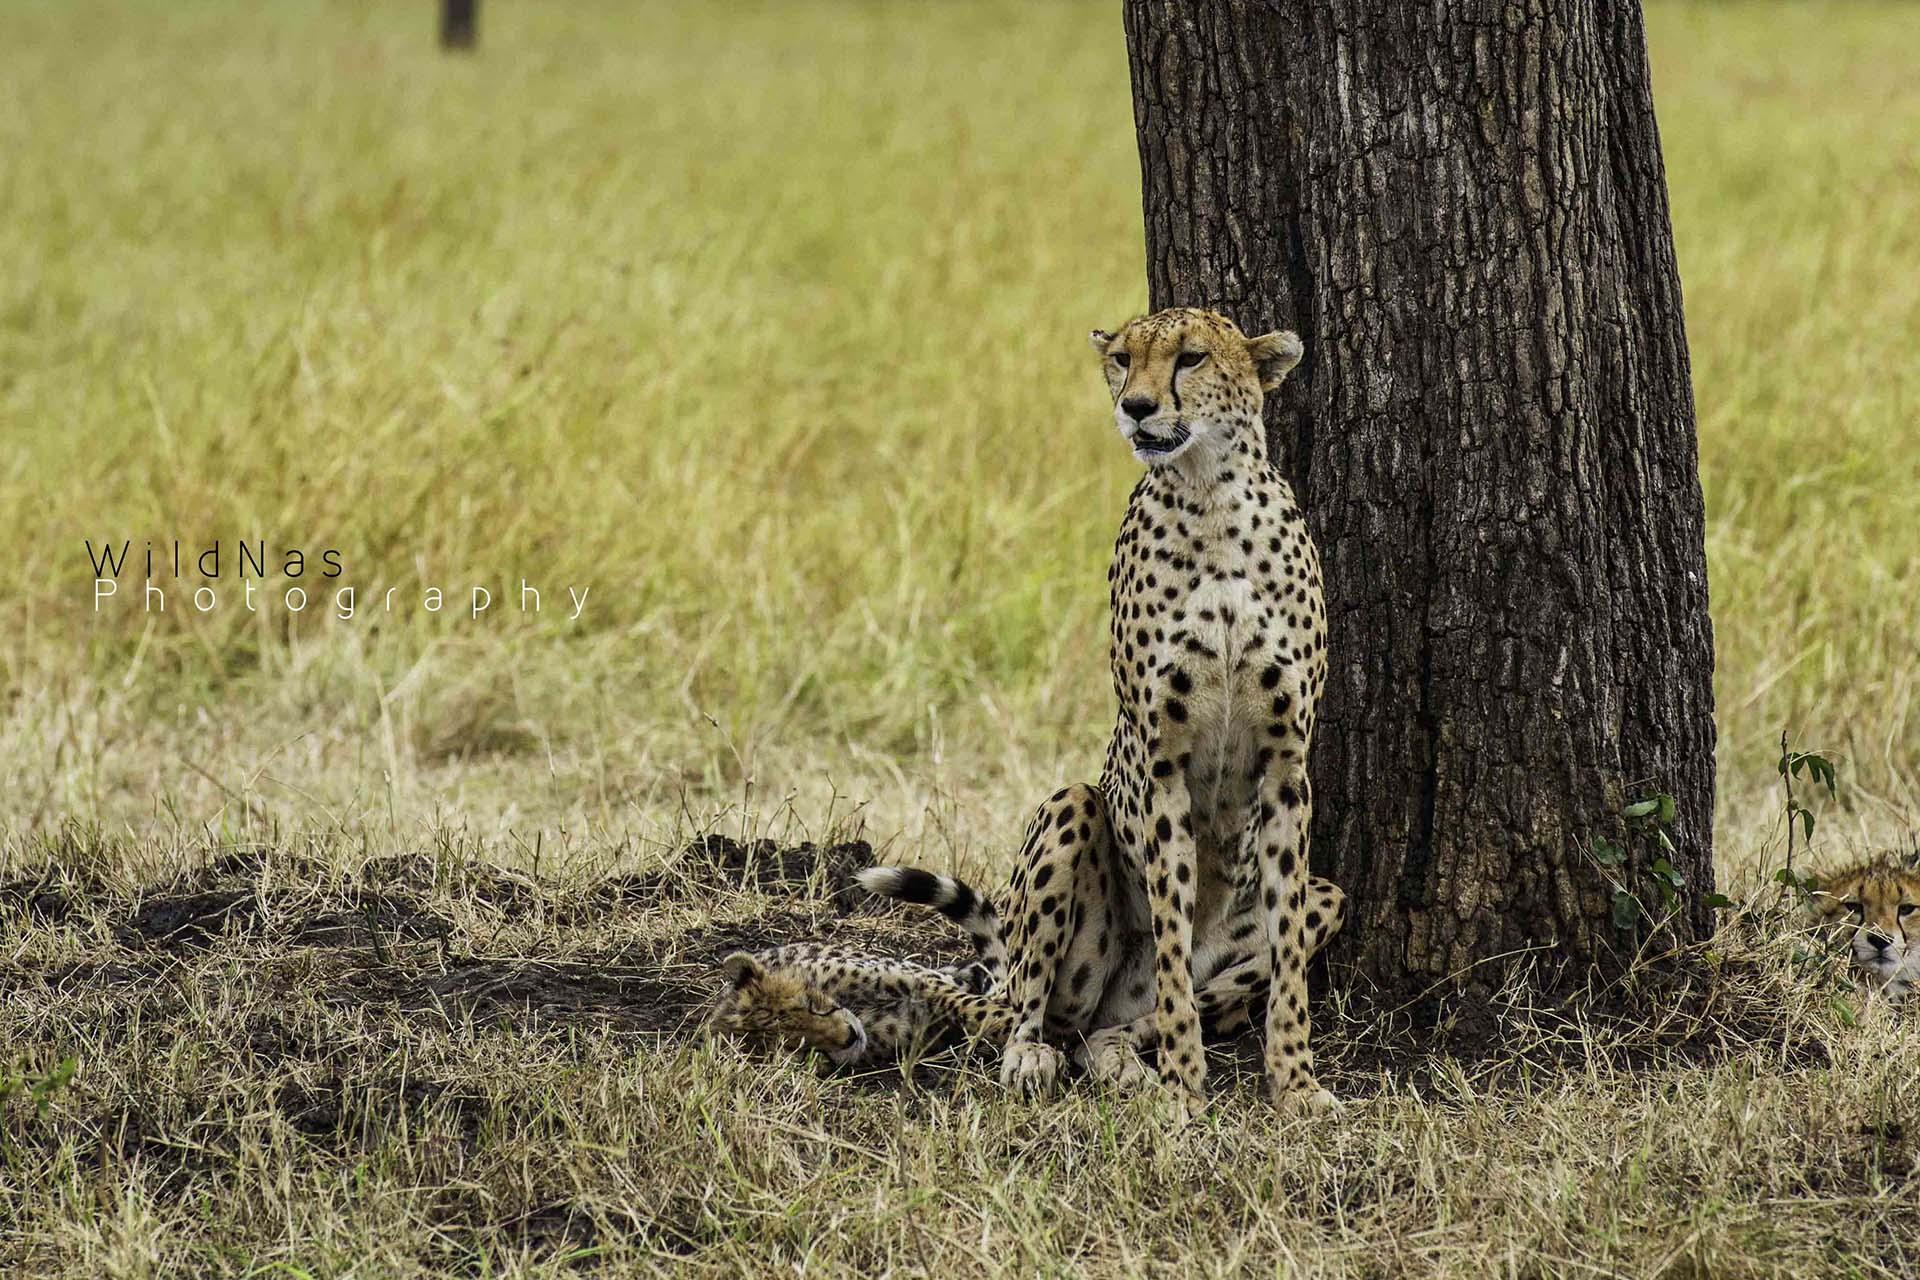 paul-kirui-photography-signature-photo-safaris-maasai-wanderings-africa-wildlife